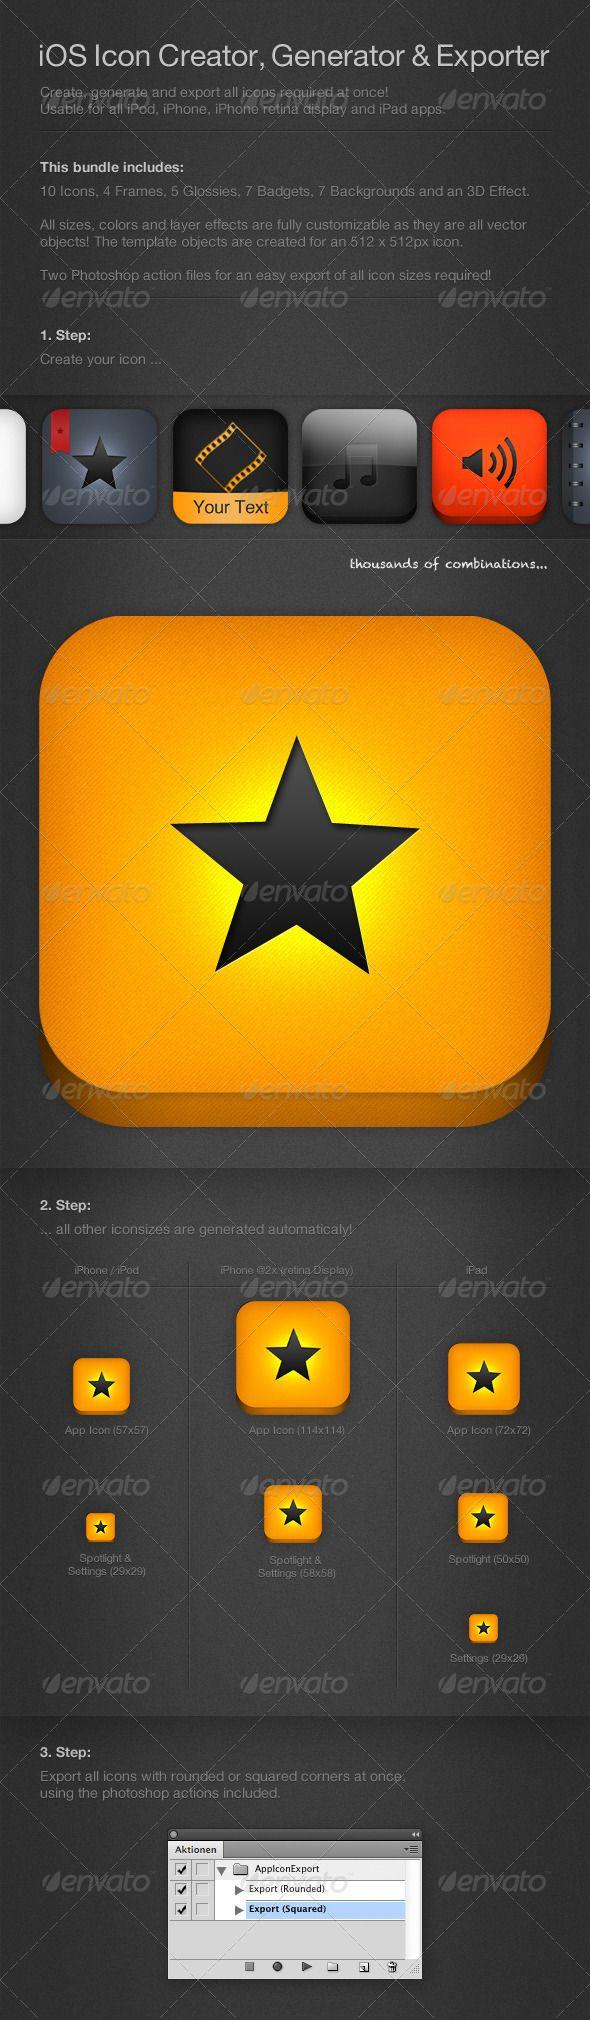 iOS Bundle: Icon Creator, Generator & Exporter